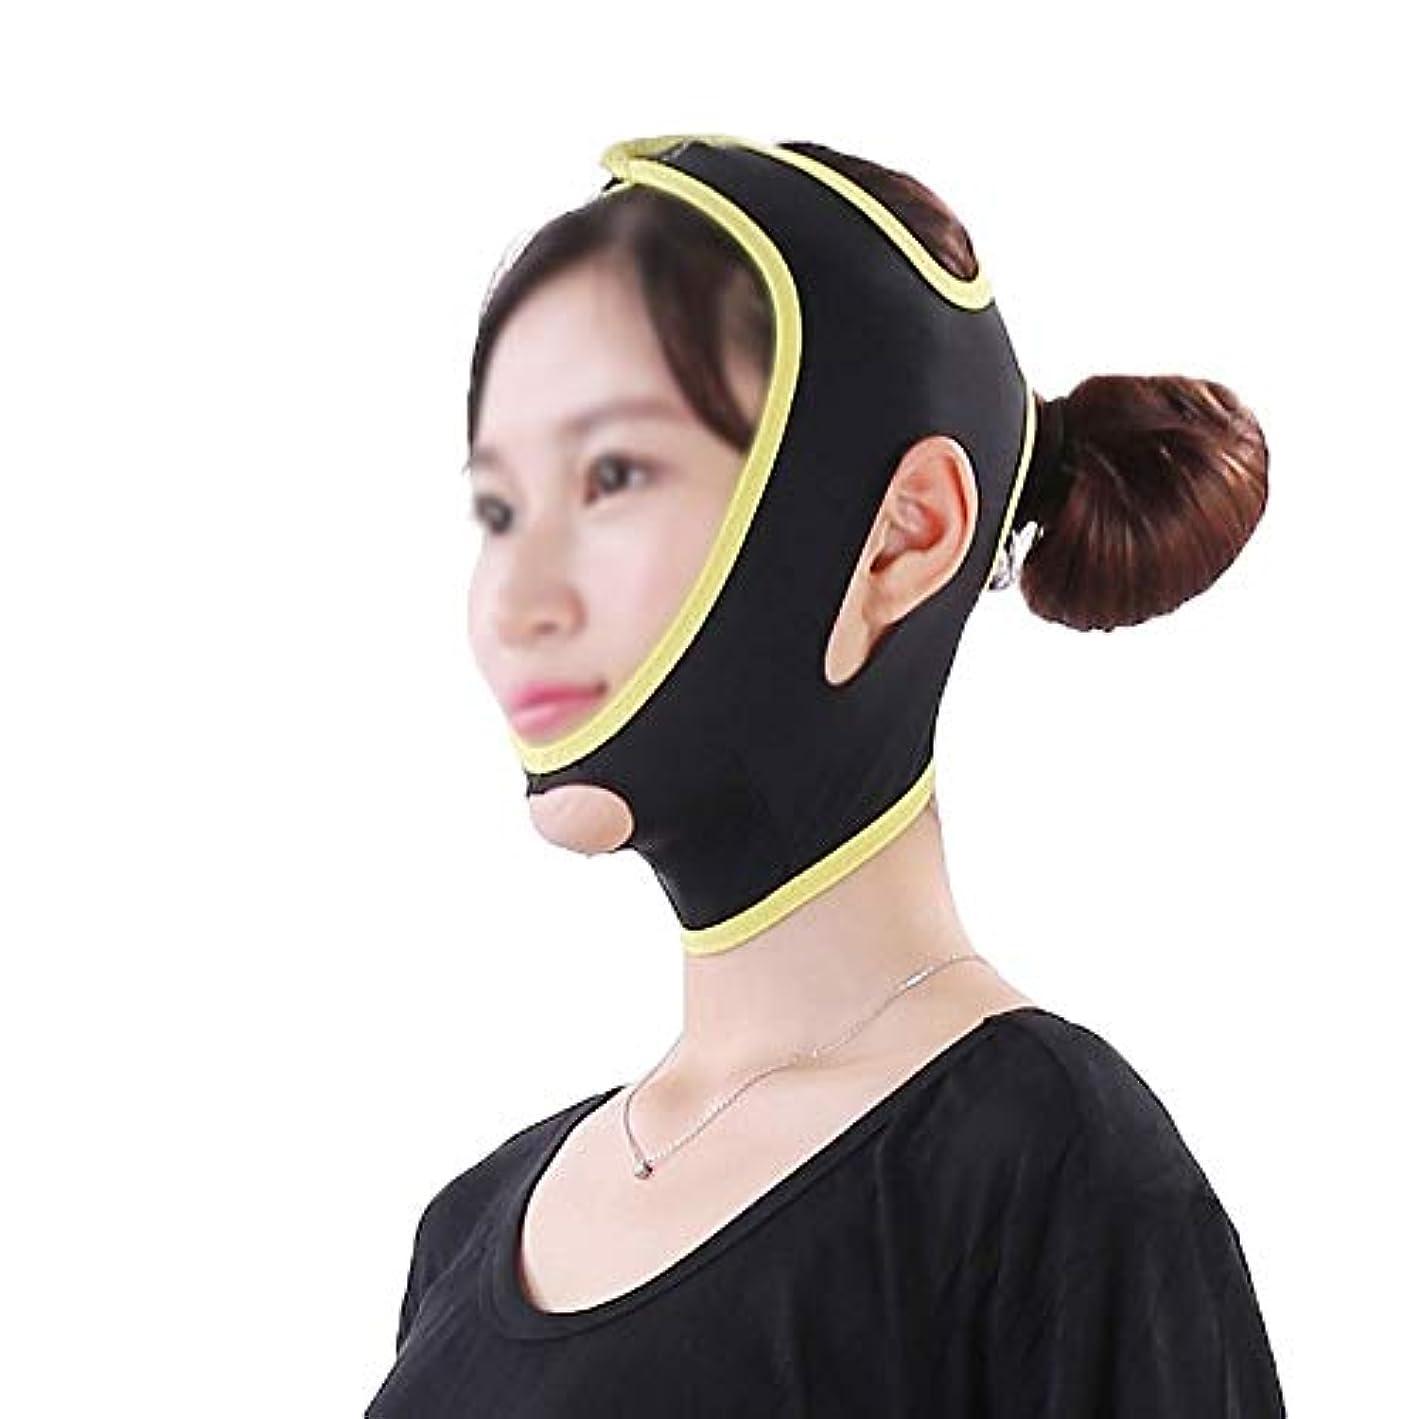 あなたのもの破滅ごめんなさいGLJJQMY フェイス&ネックリフトシンフェイスマスクパワフルマスクフェイスリフトアーチファクトフェイスリフトフェイスツールシンフェイス包帯シンフェイスマスク美容マスク 顔用整形マスク (Size : L)